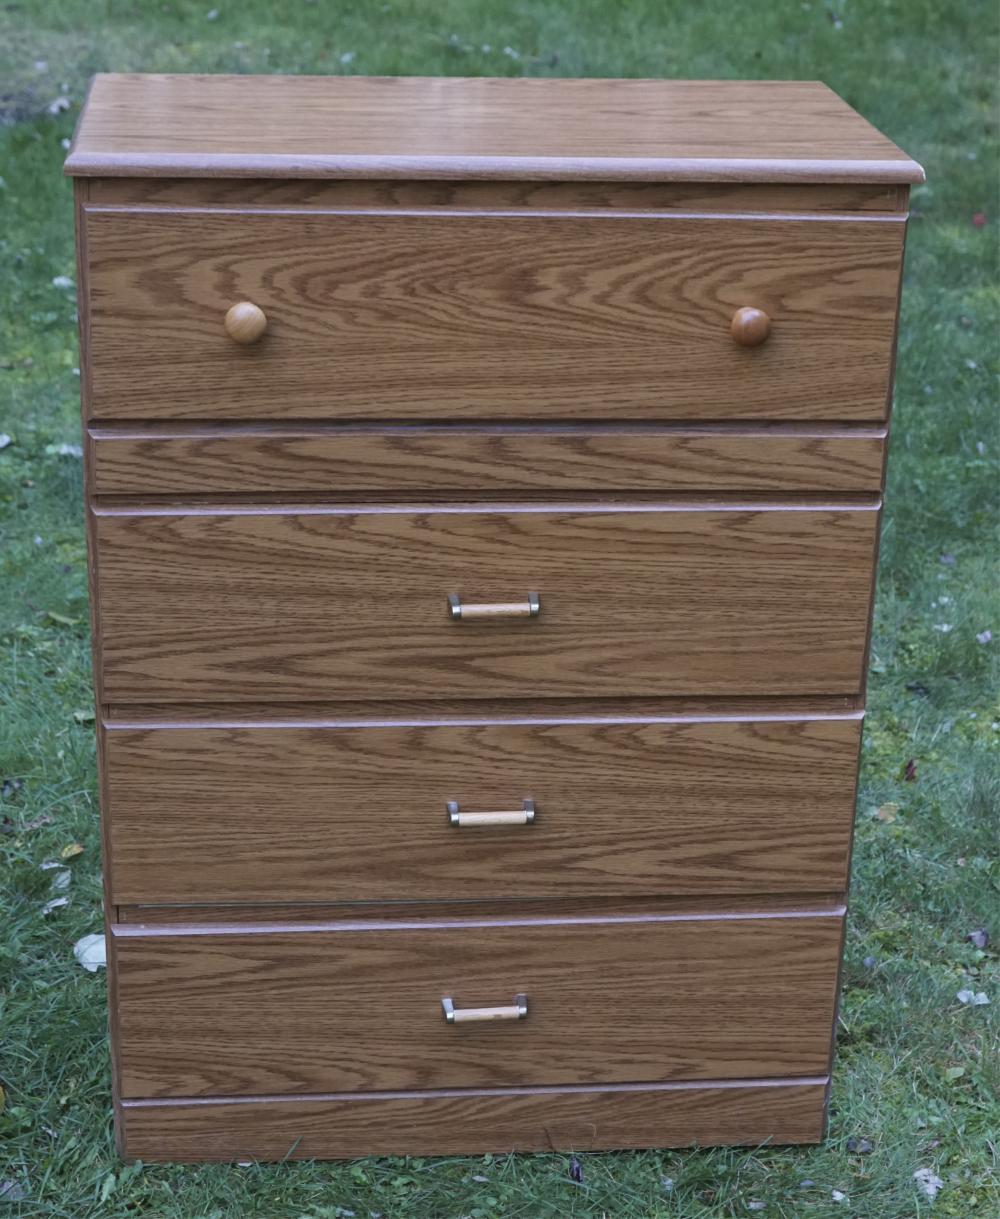 4 Drawer Wooden Dresser